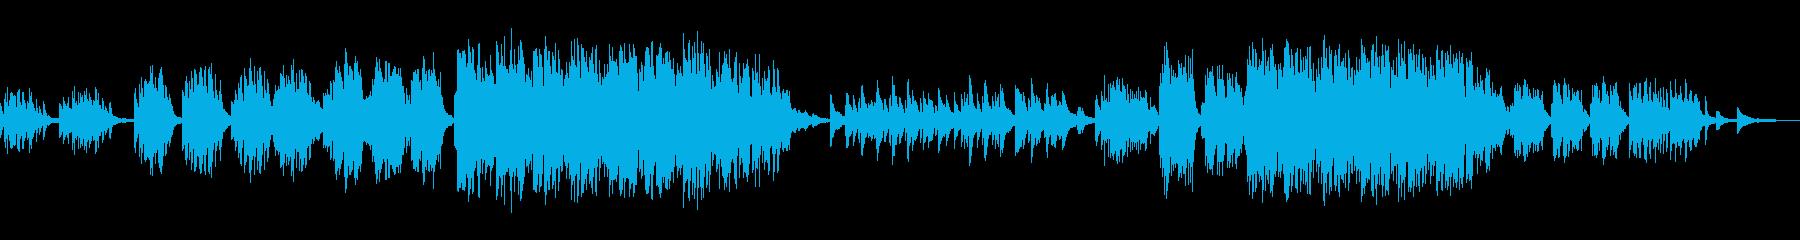 ピアノ ソロ バラードの再生済みの波形